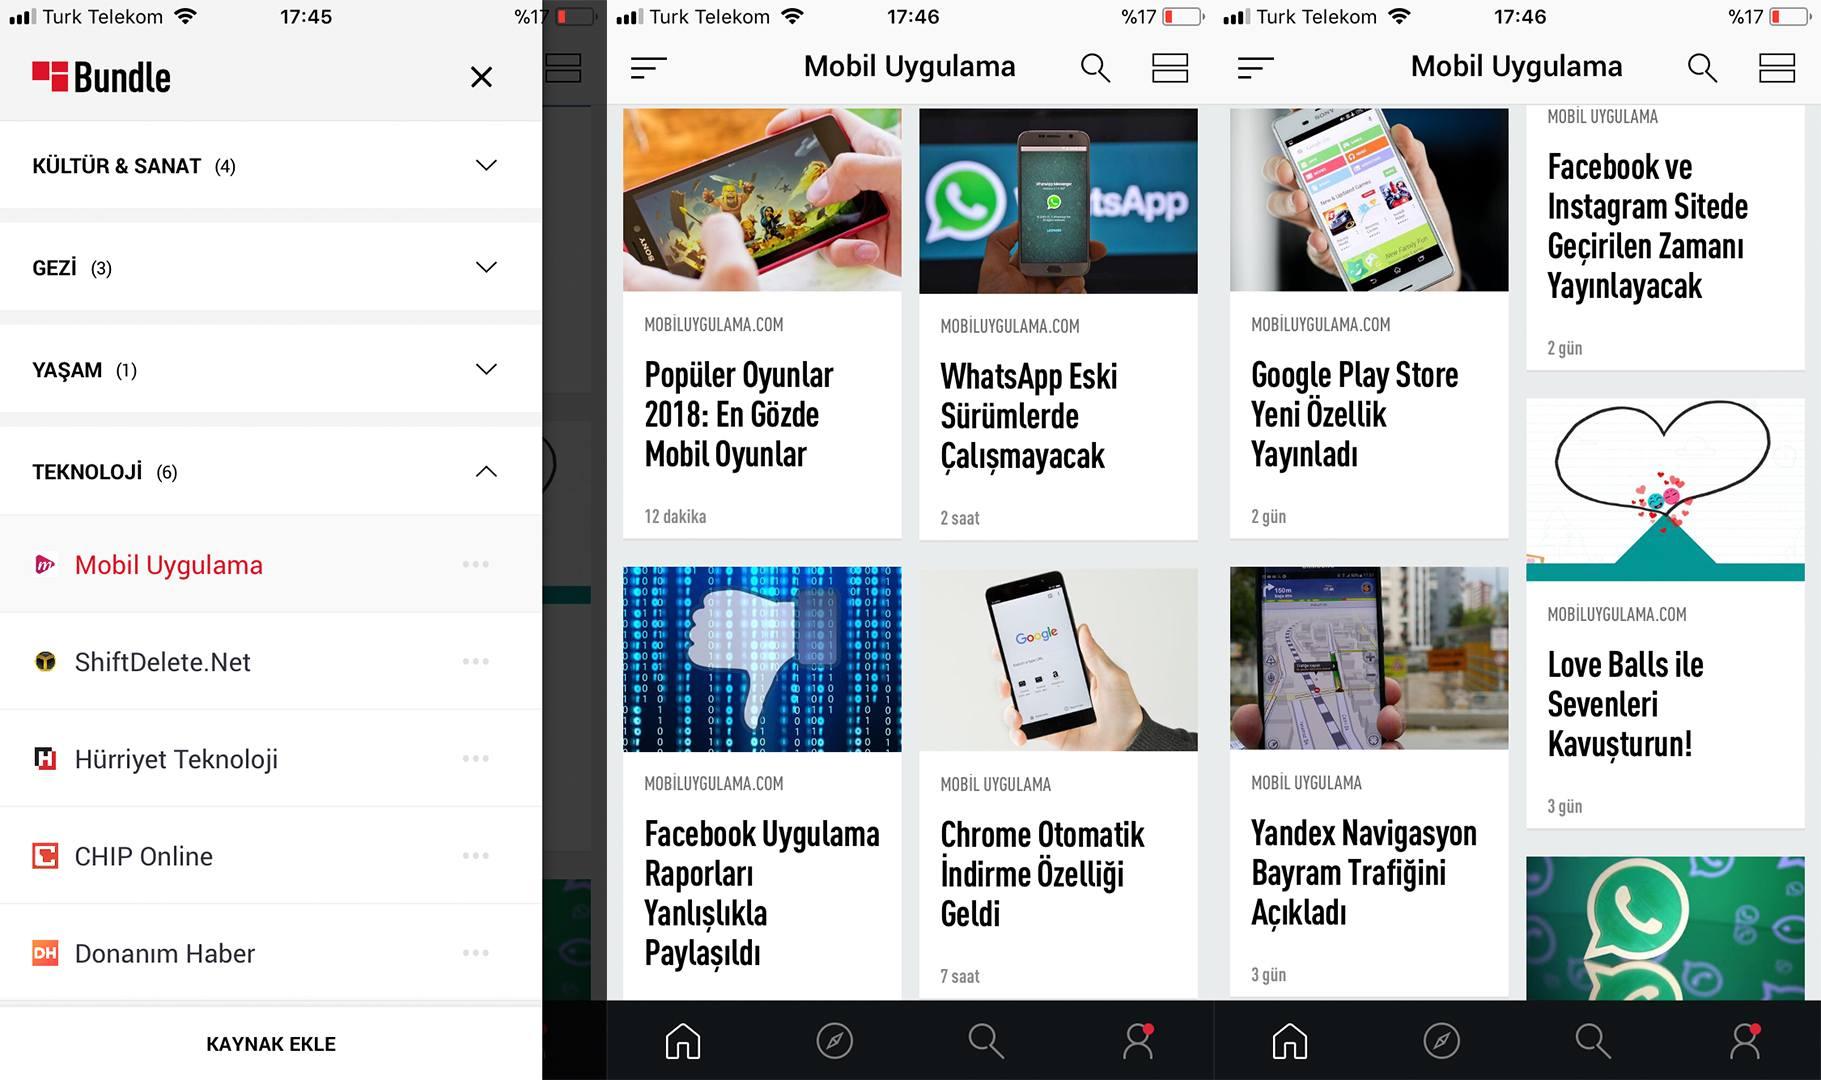 Mobil Uygulama Haberleri Artık Bundle'da